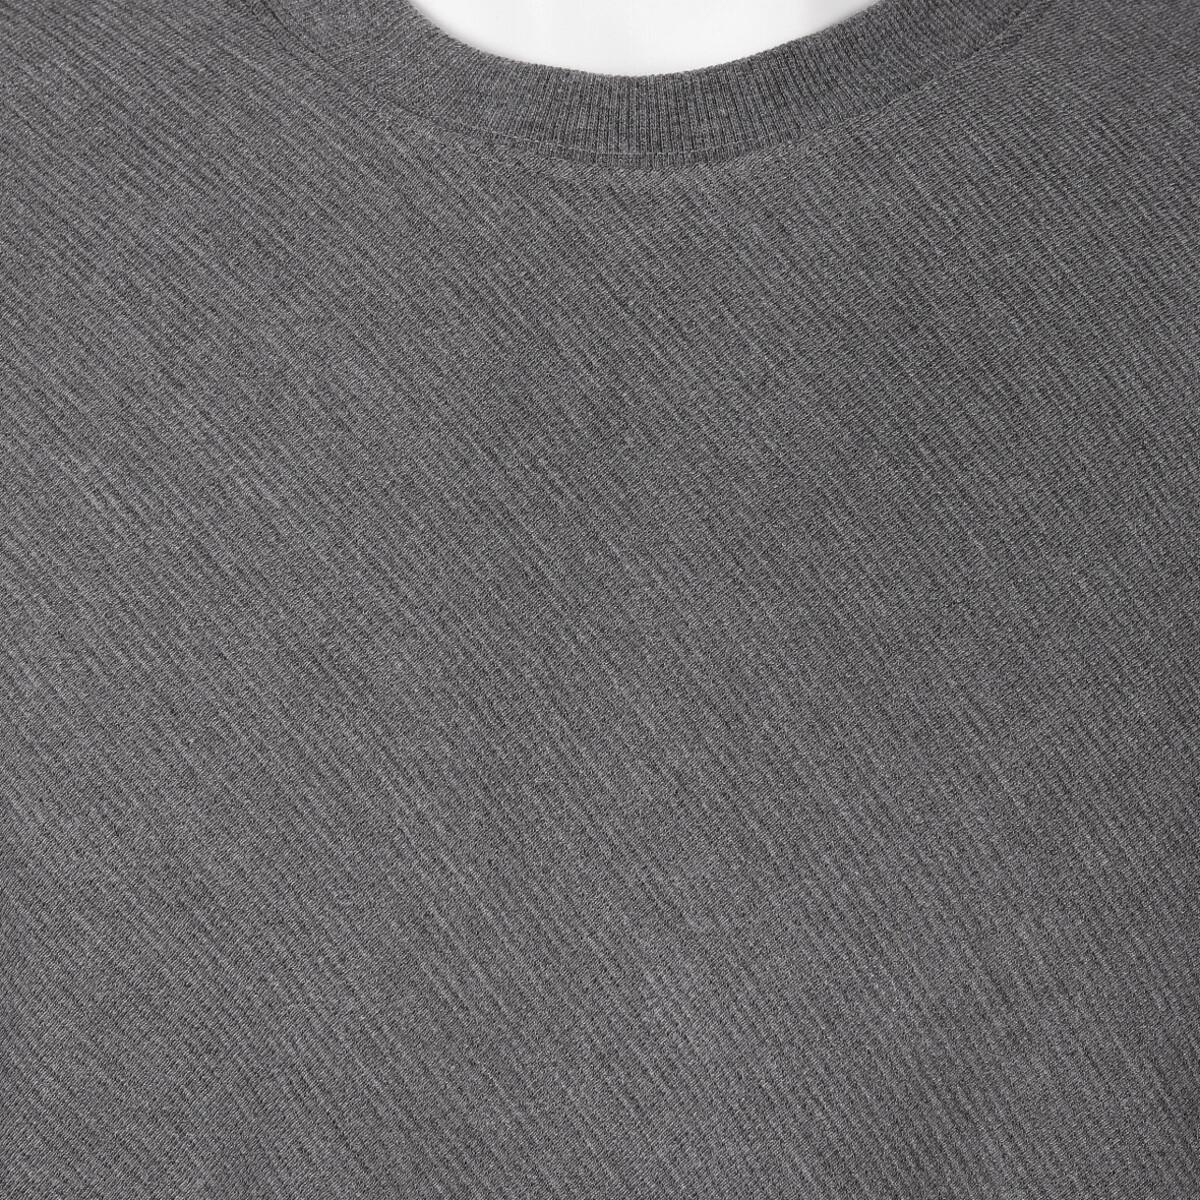 Bild 3 von Herren Sweatshirt in schräger Webstruktur